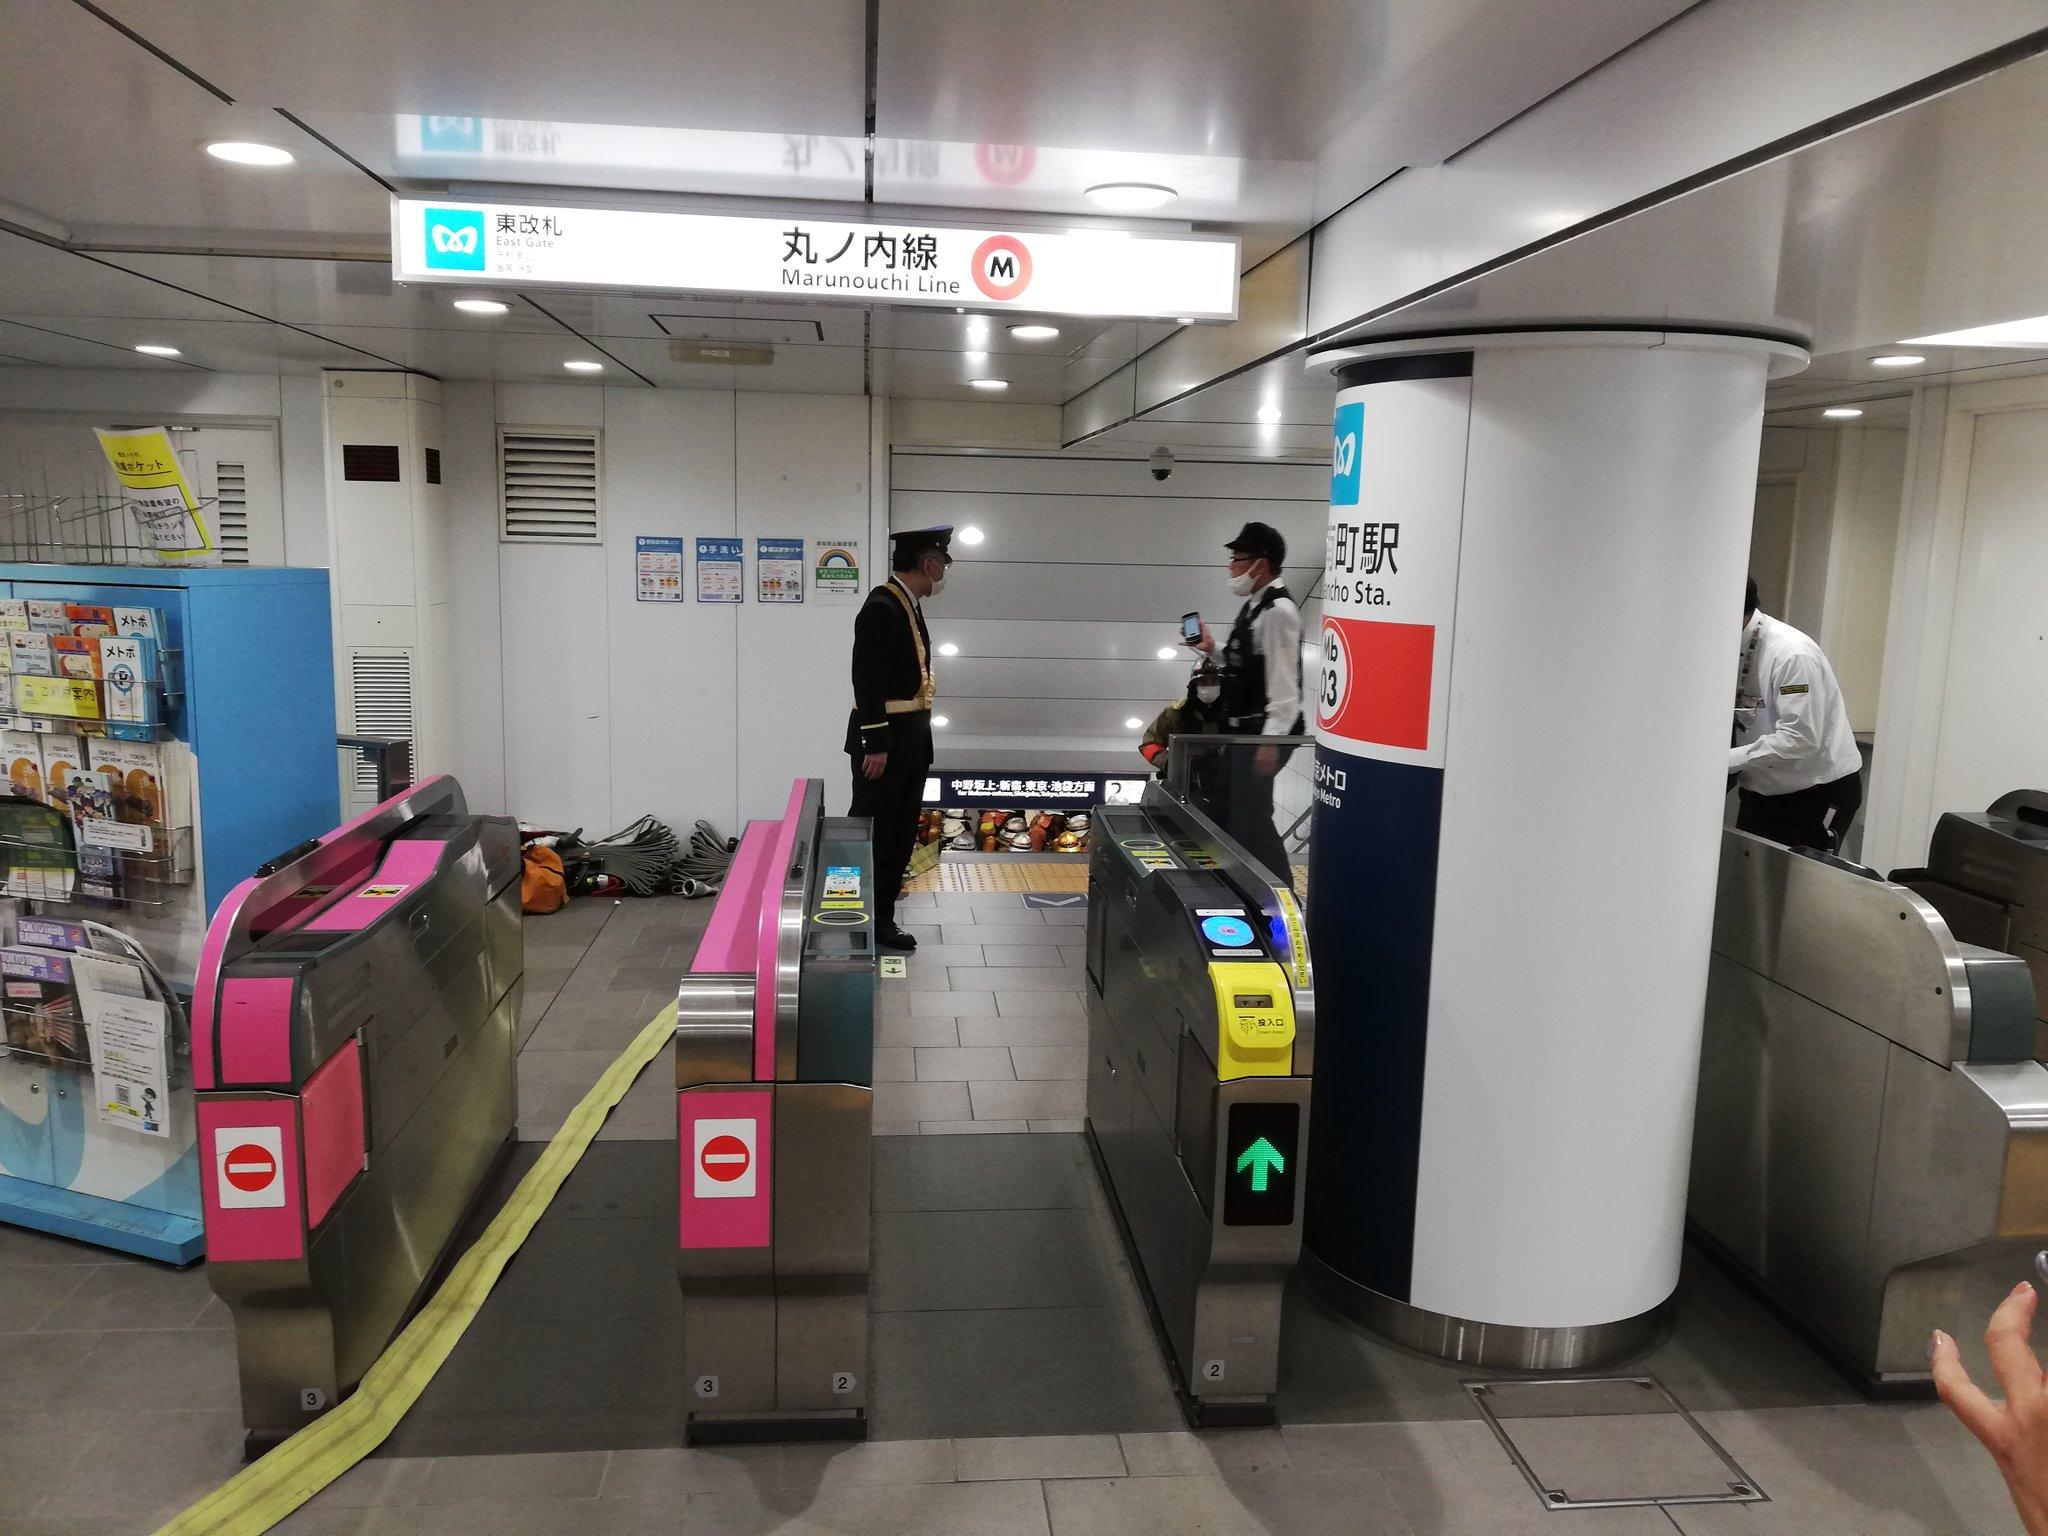 【東京メトロ】丸ノ内線で送電設備から出火し運転見合わせ